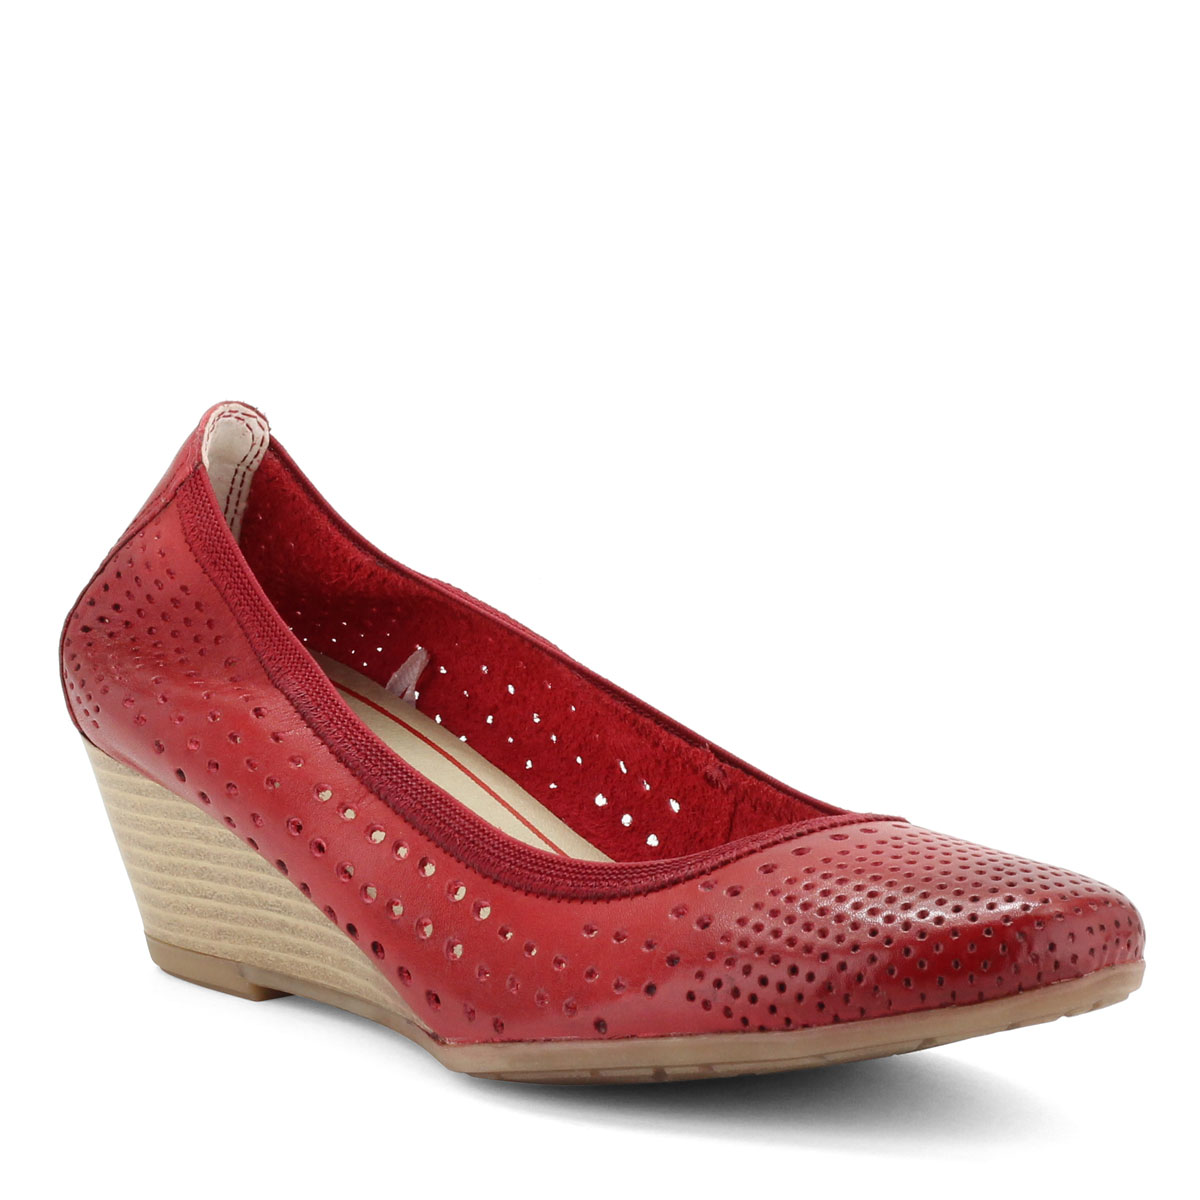 Marco Tozzi teletalpú női bőr cipő piros színben, lyukacsos